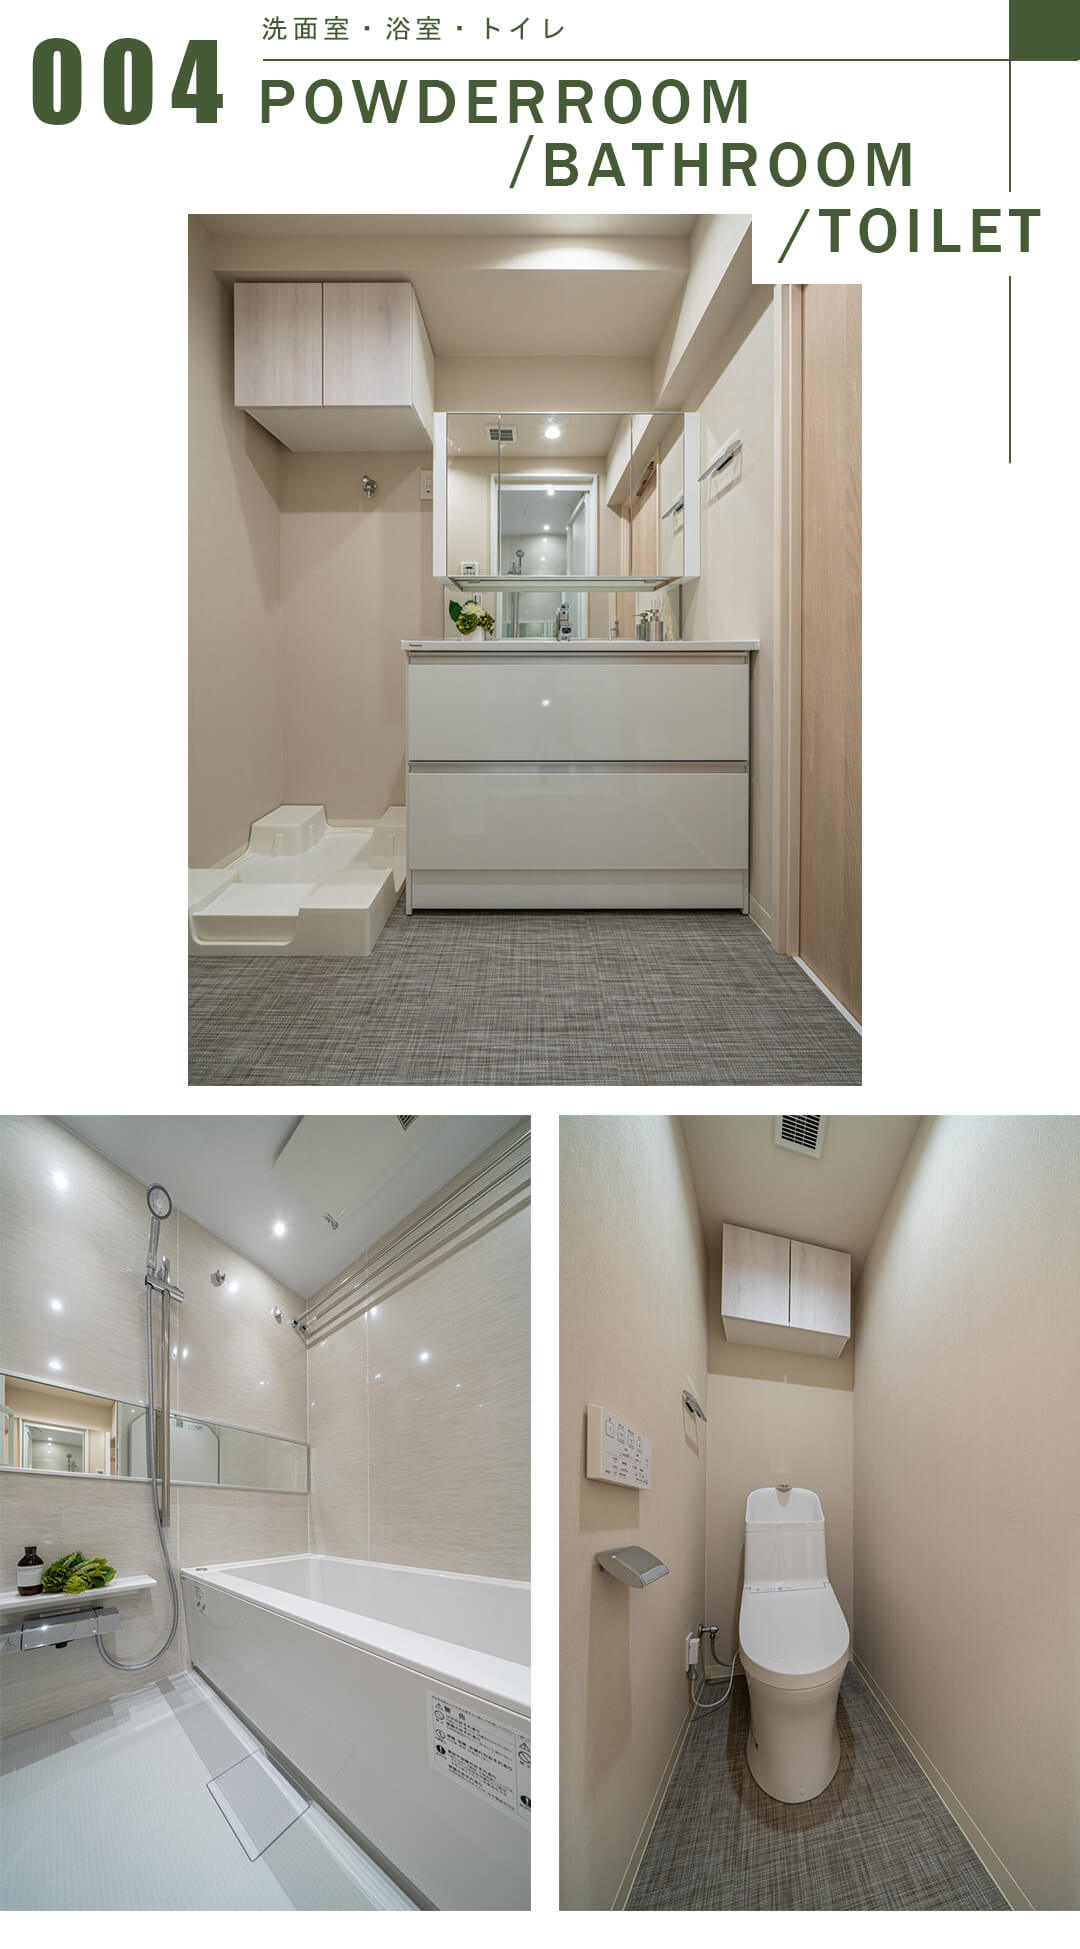 レック芝公園マンションの洗面室と浴室とトイレ